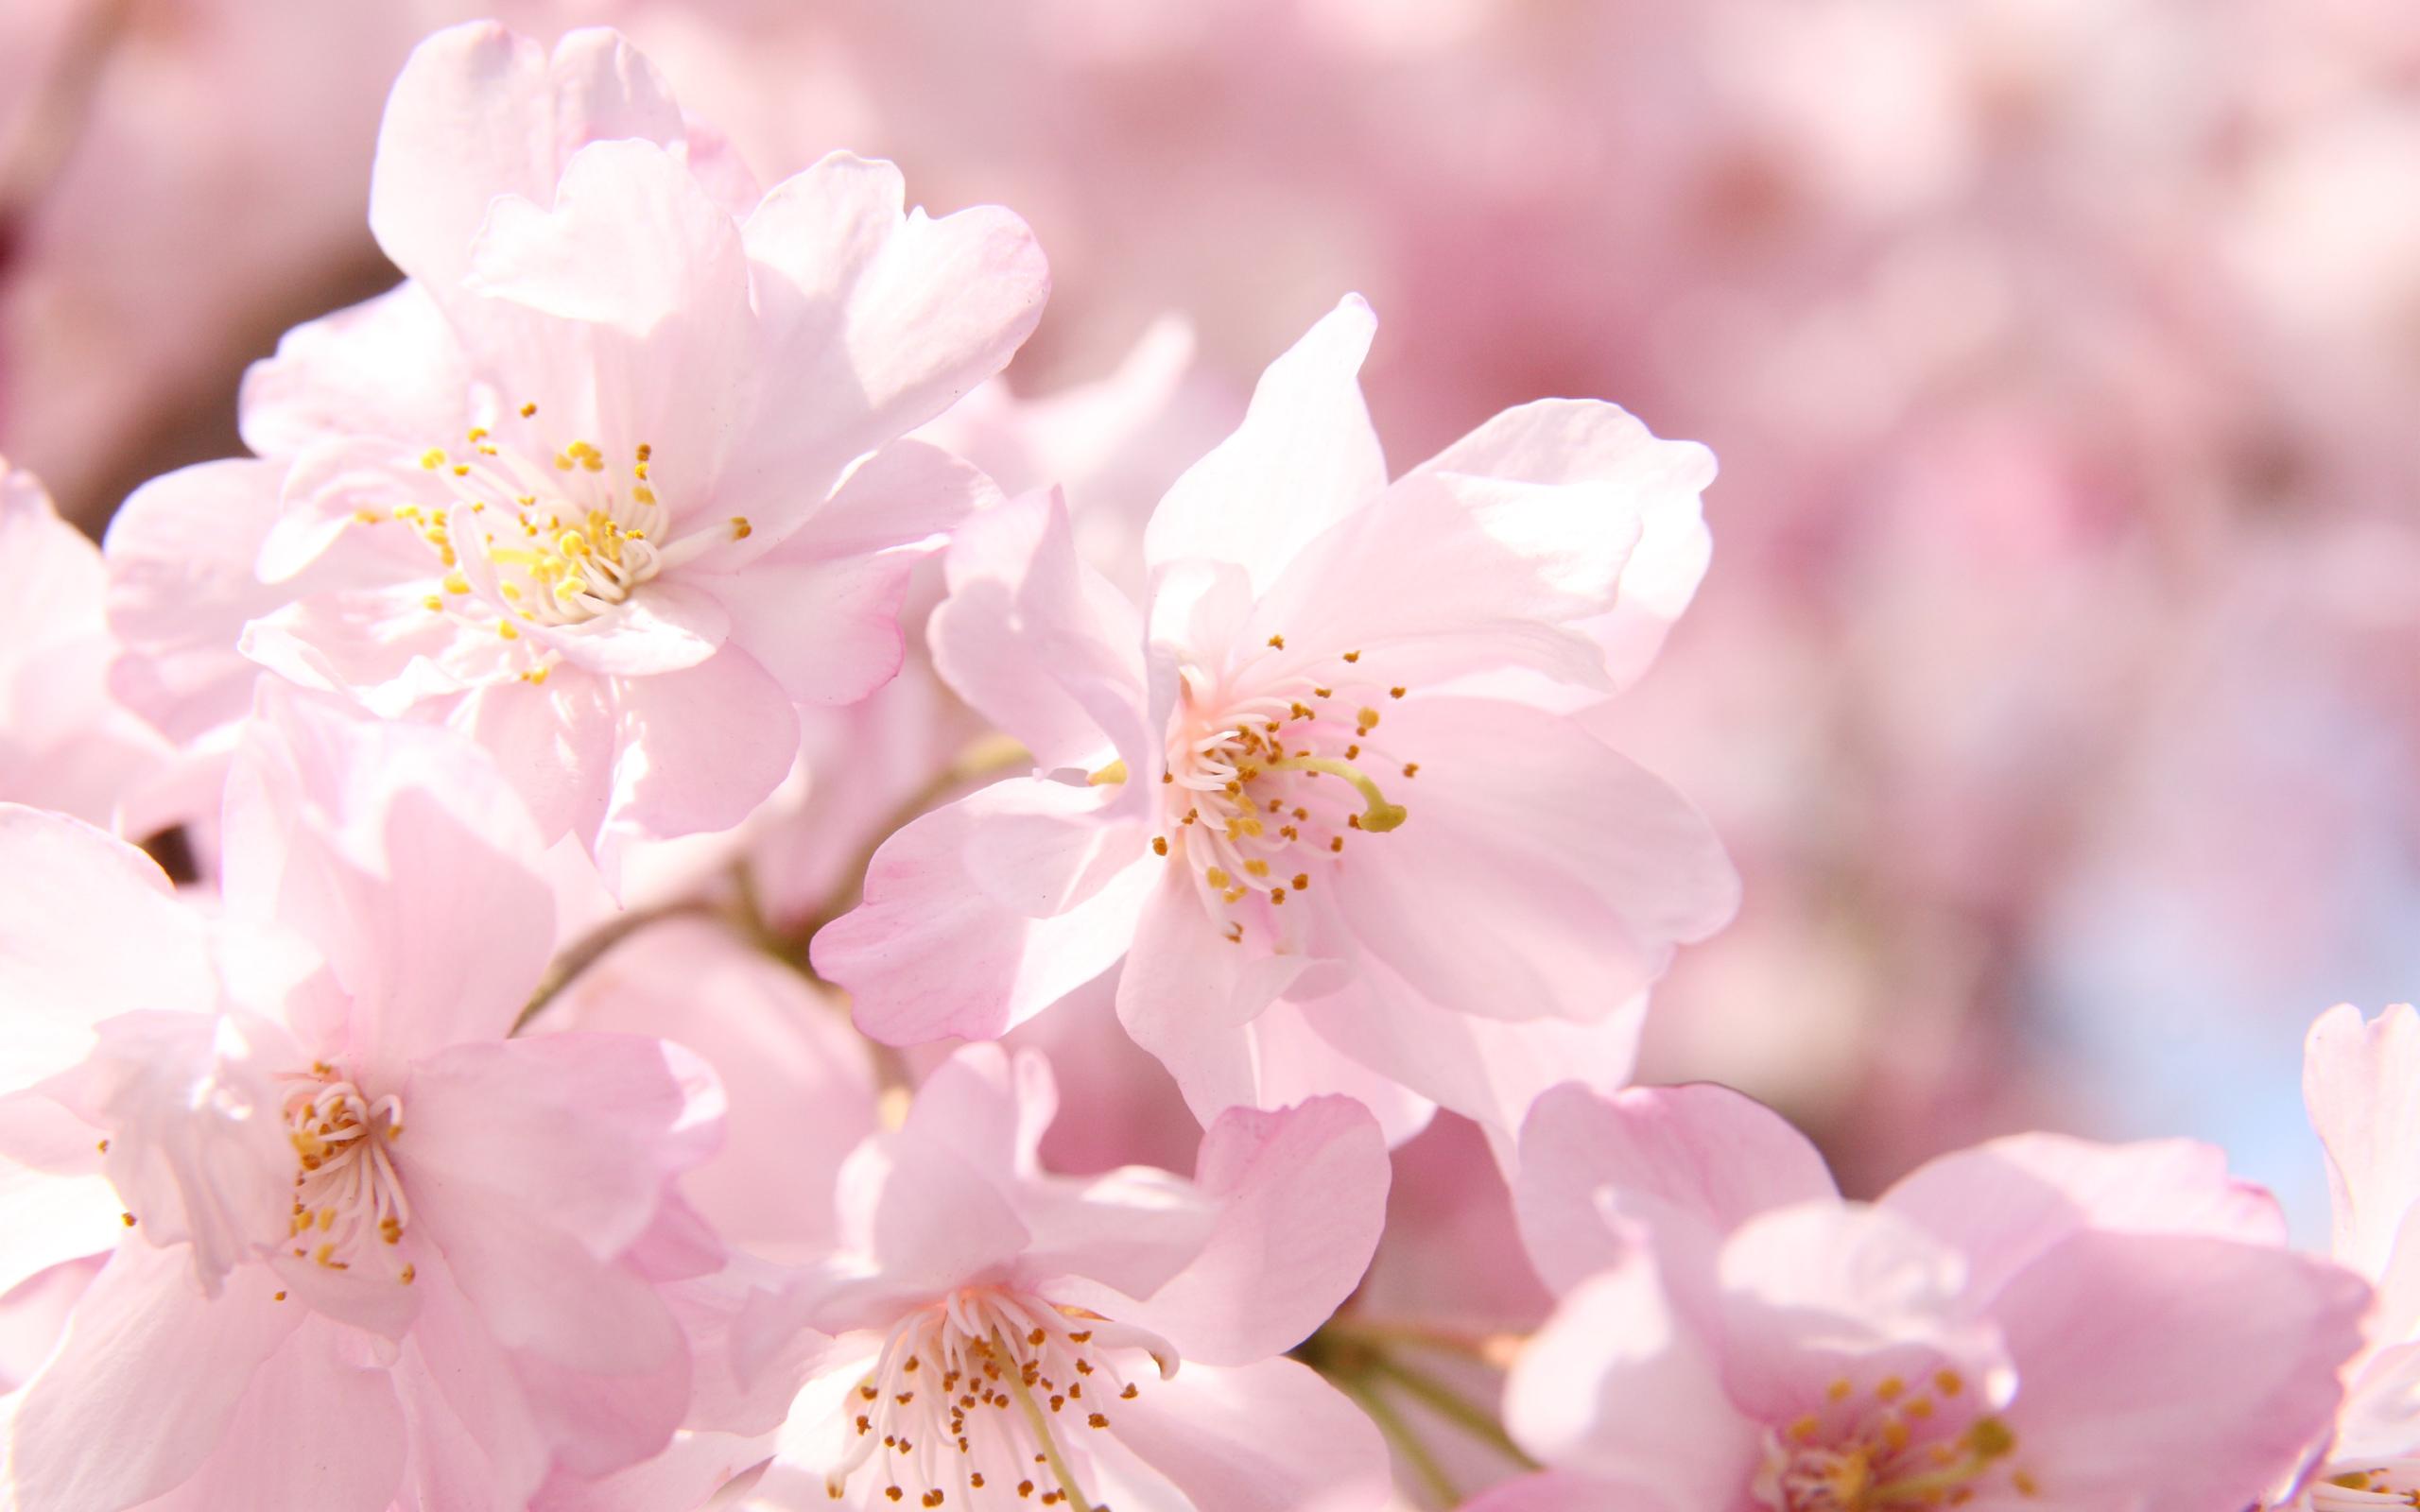 Hình ảnh hoa Anh Đào Nhật Bản đẹp rực rỡ